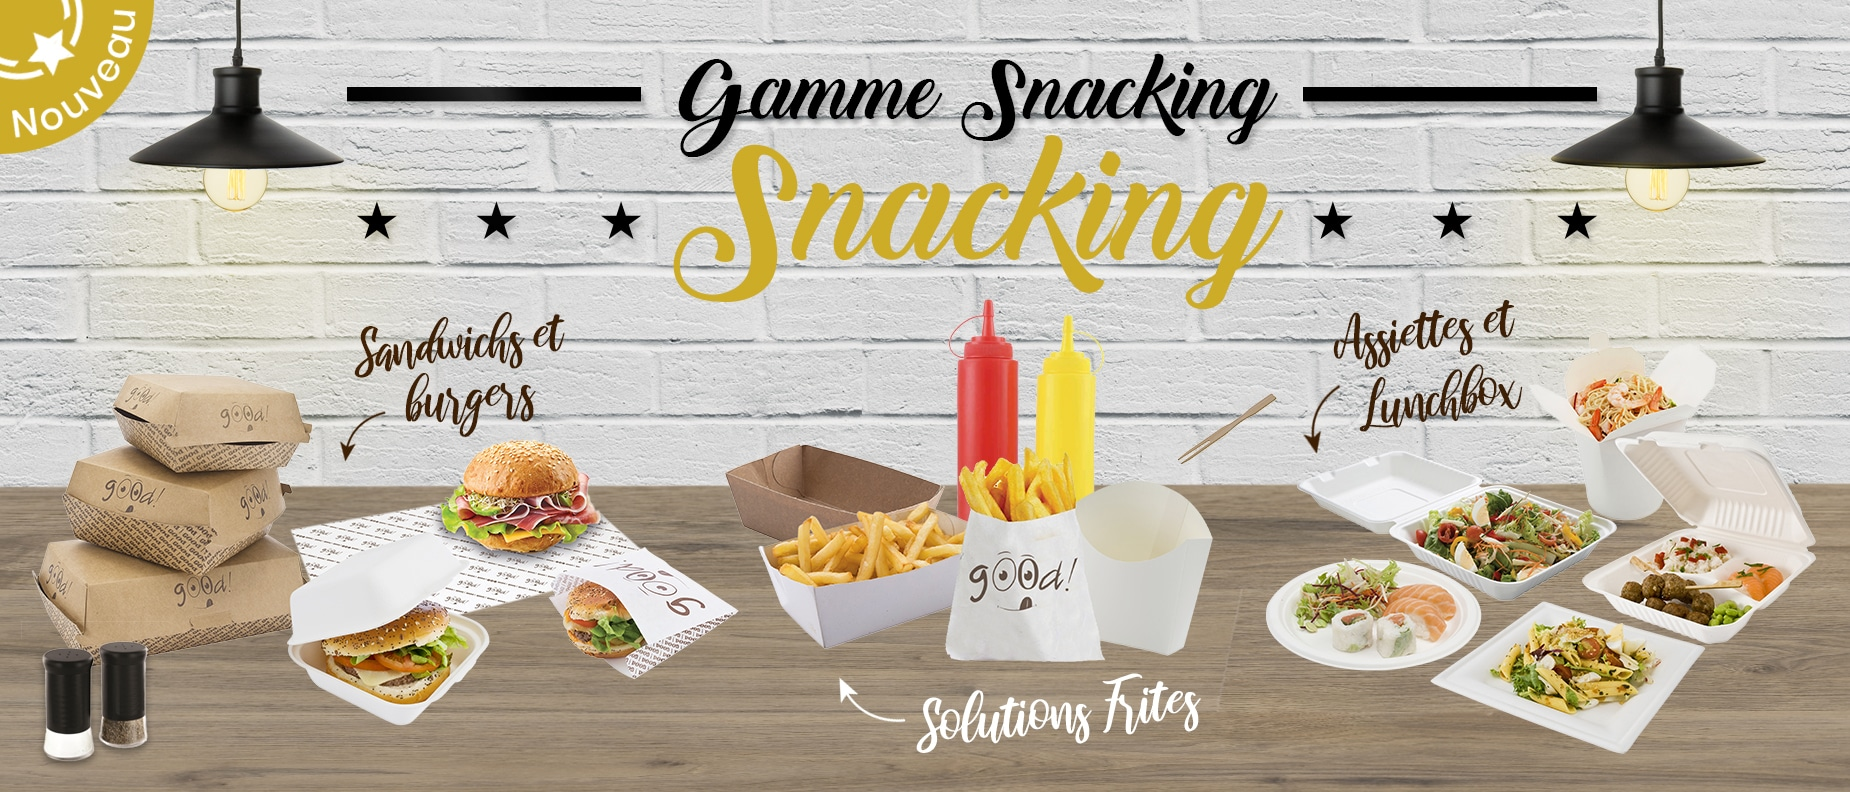 Snacking-Snacking ok